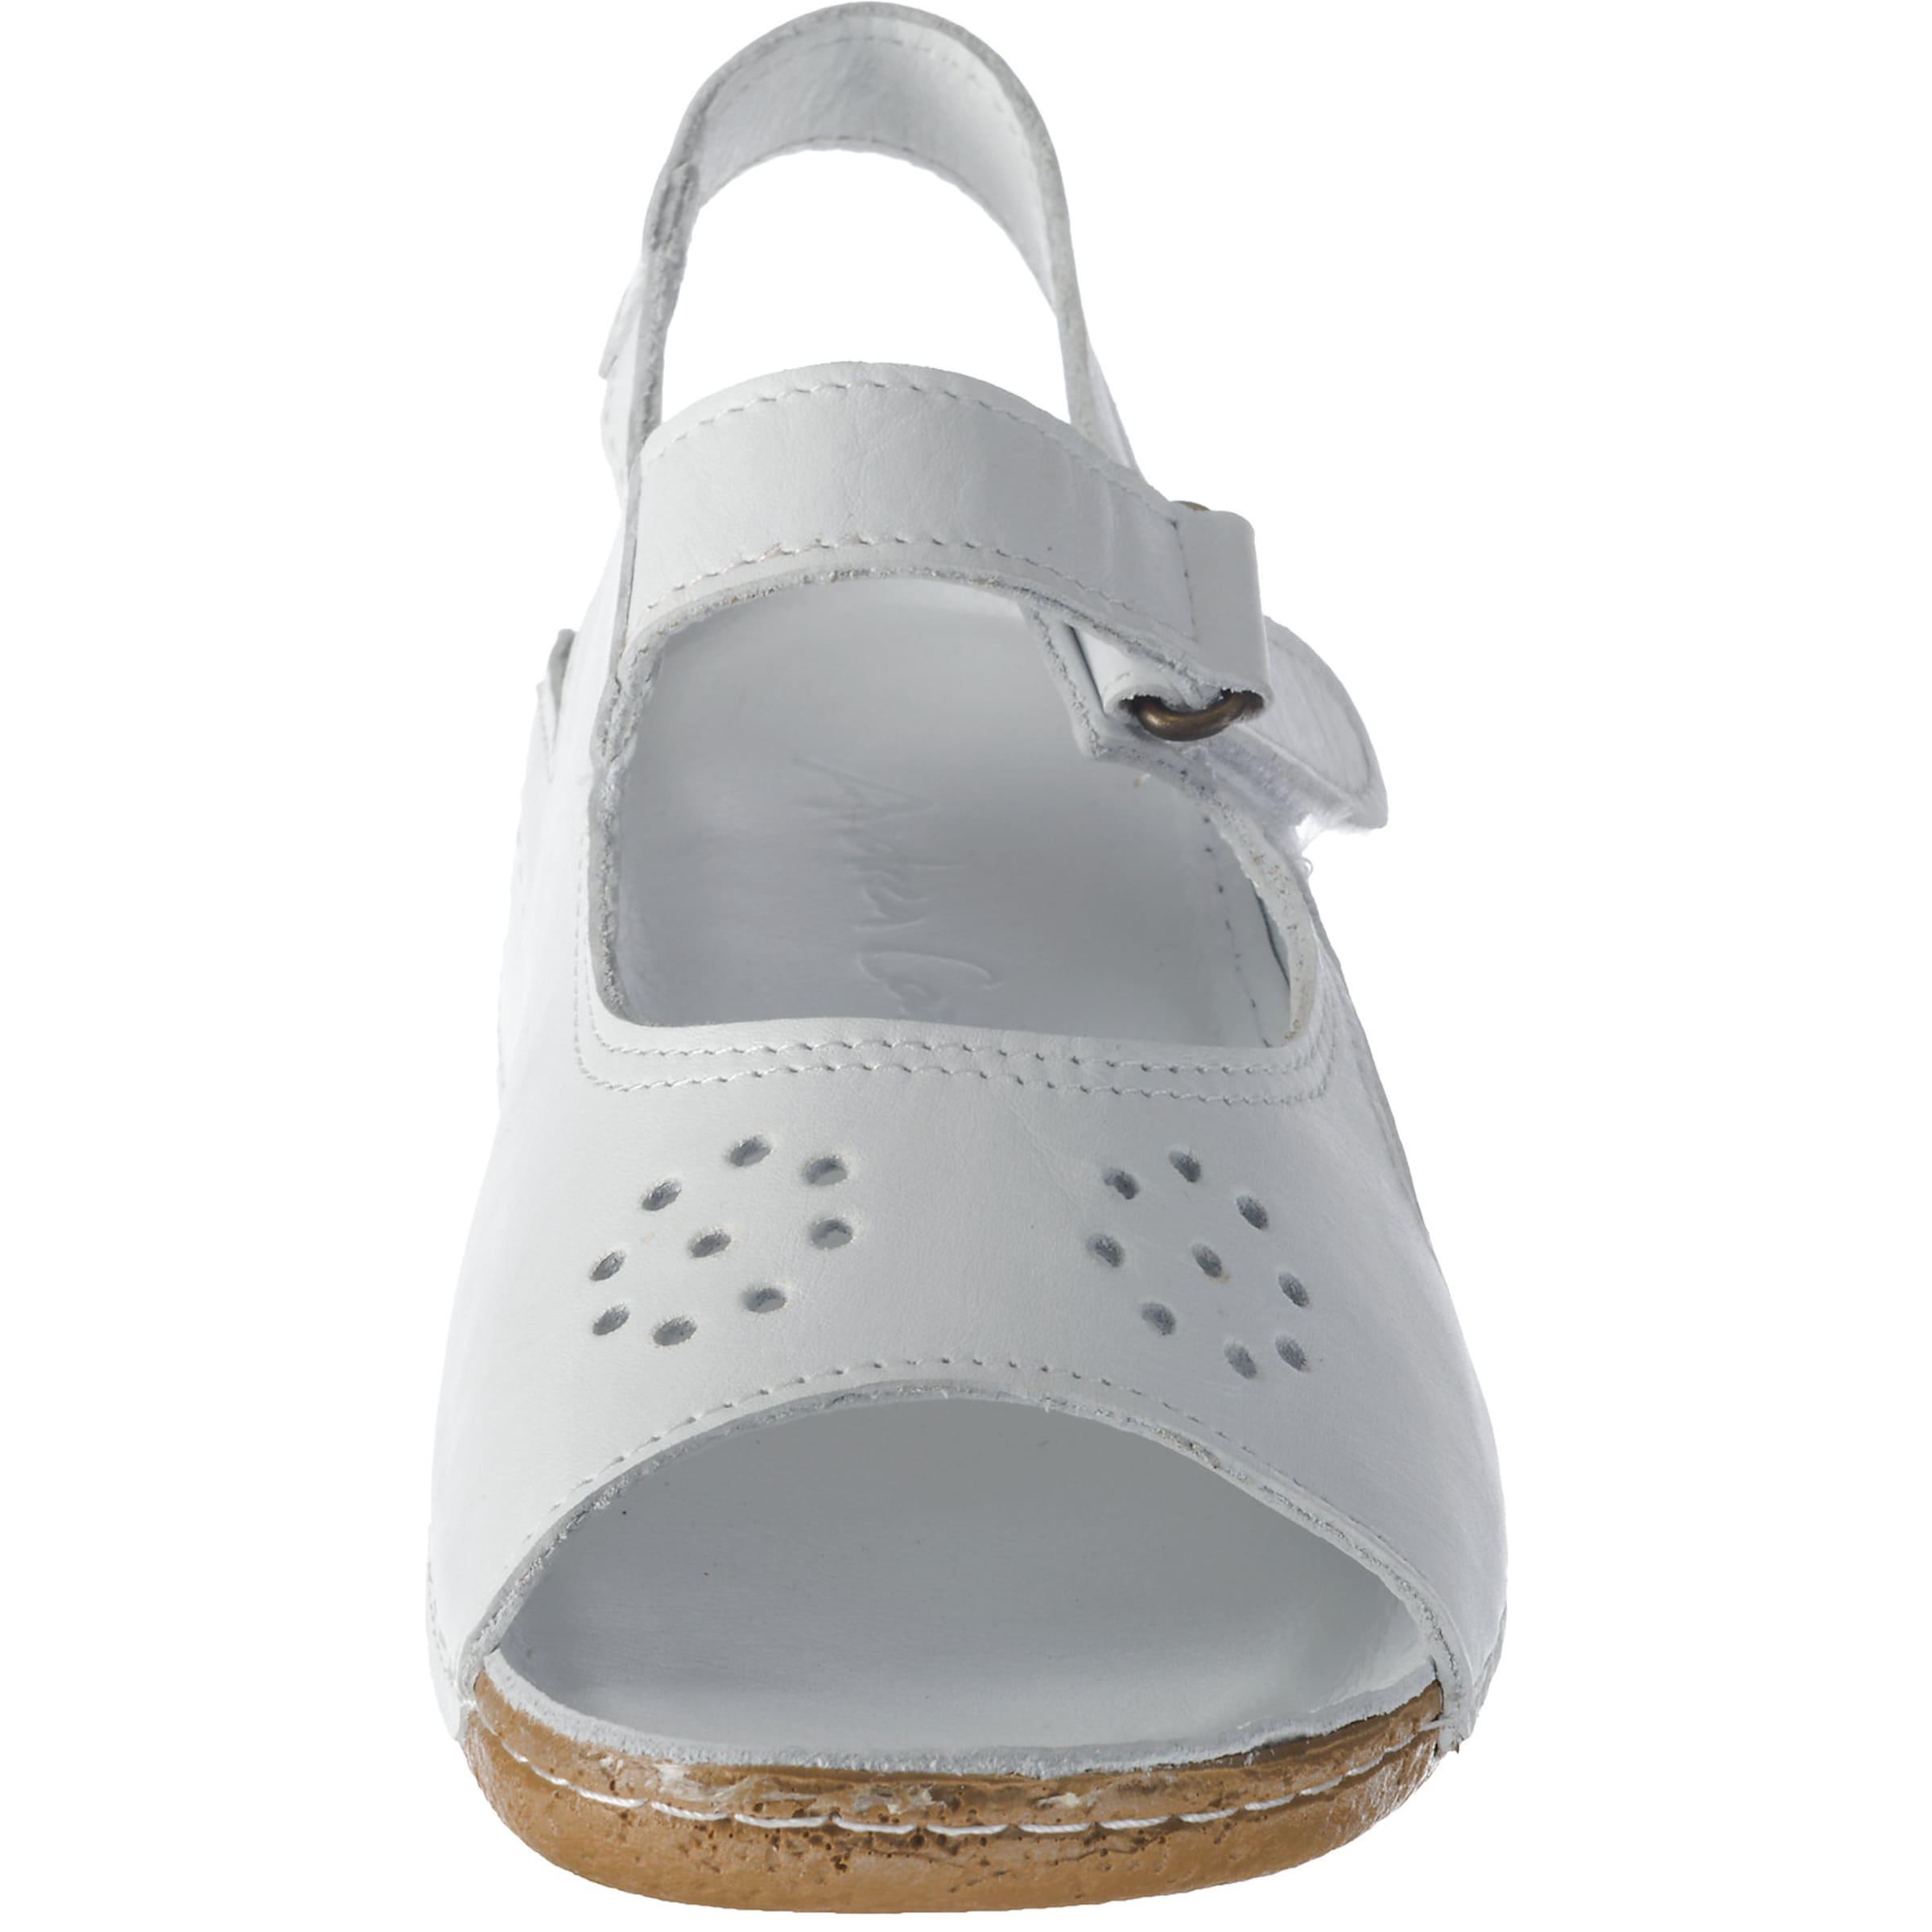 ANDREA CONTI Klassische Sandaletten Kaufen Billig Kaufen Spielraum Beste Preise Ausgezeichnet Zum Verkauf Spielraum Gut Verkaufen Neuesten Kollektionen Online O5cqnQQ